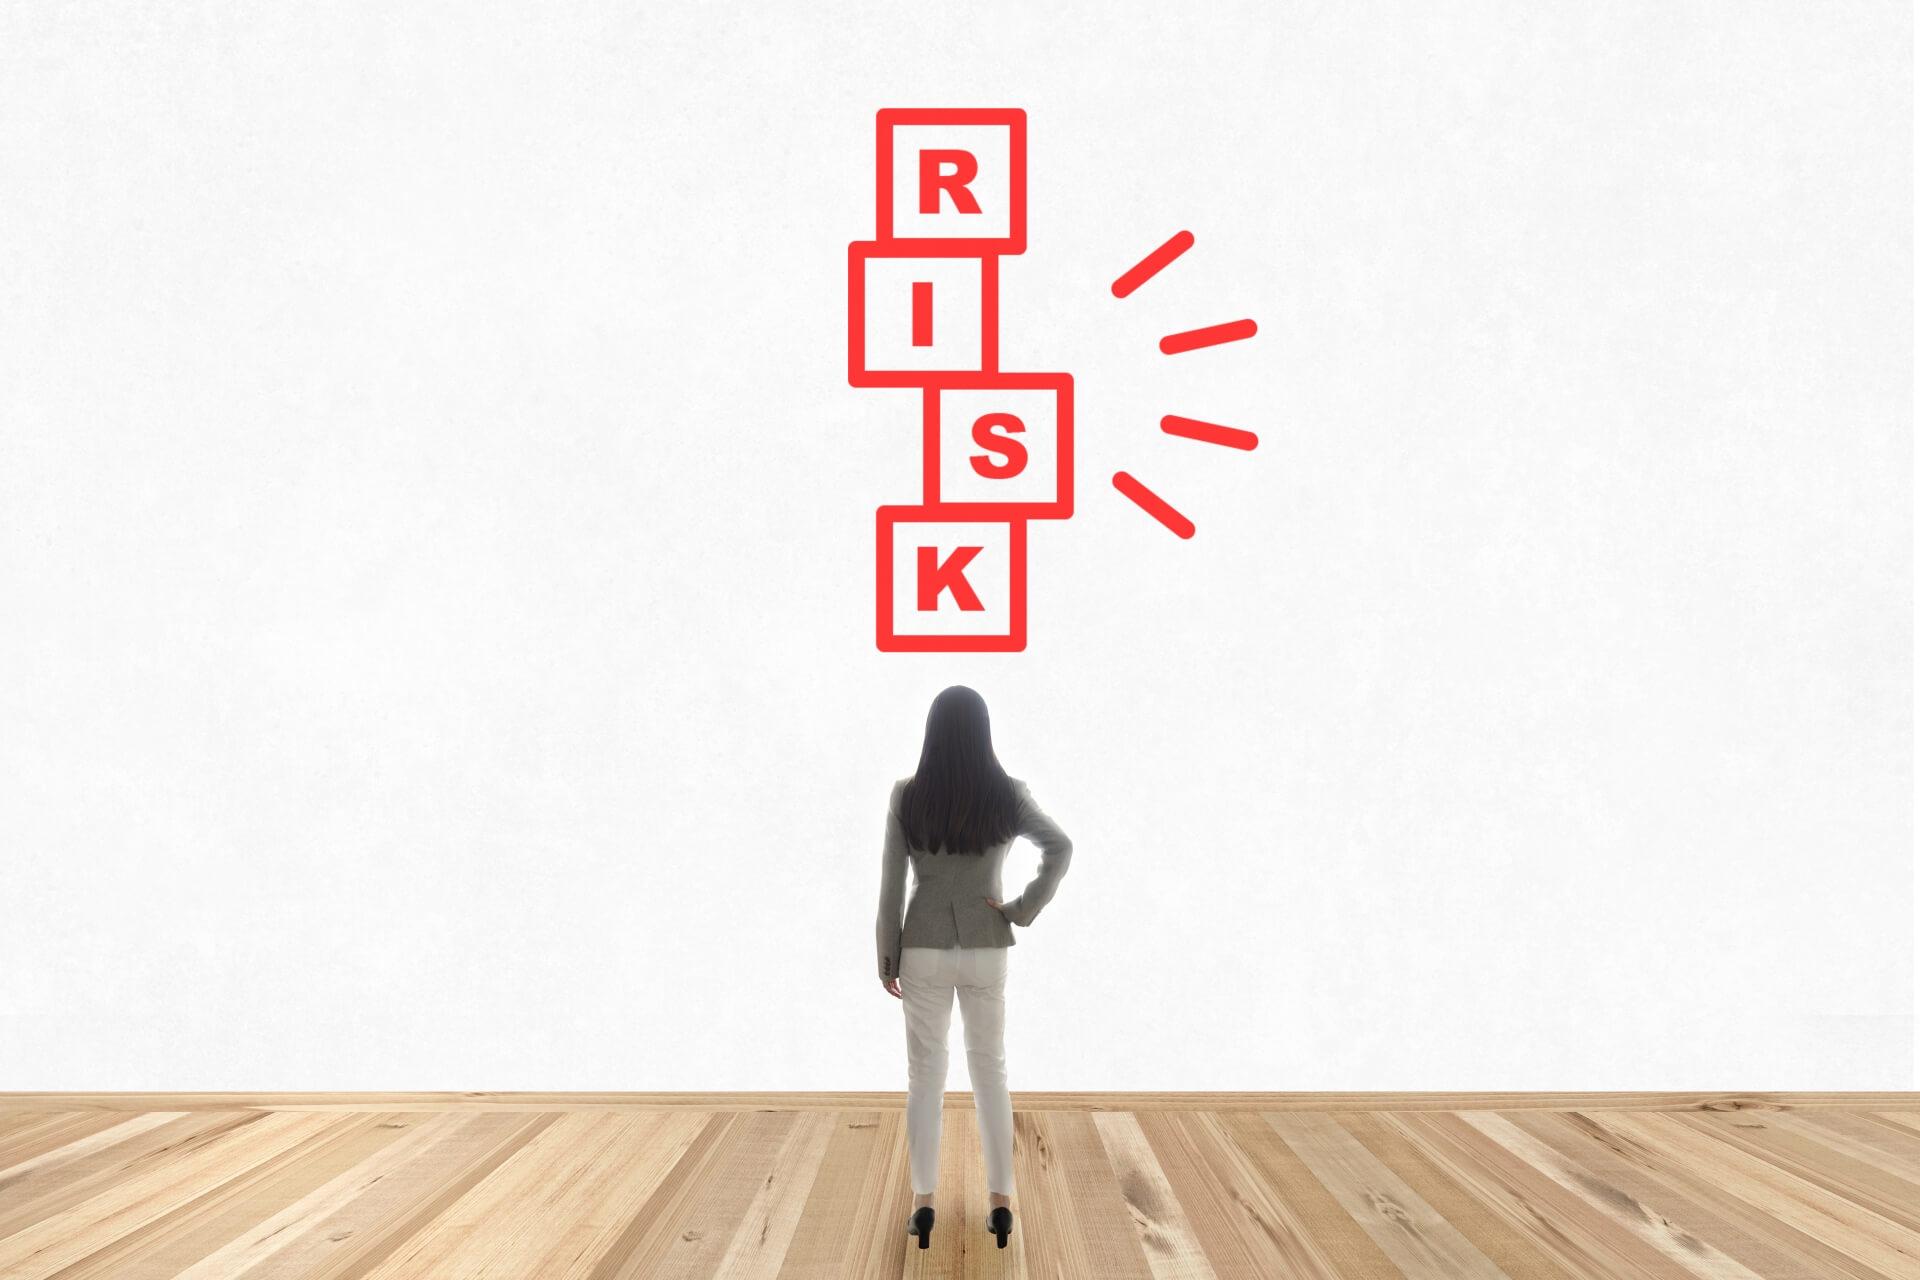 リスクのイメージ